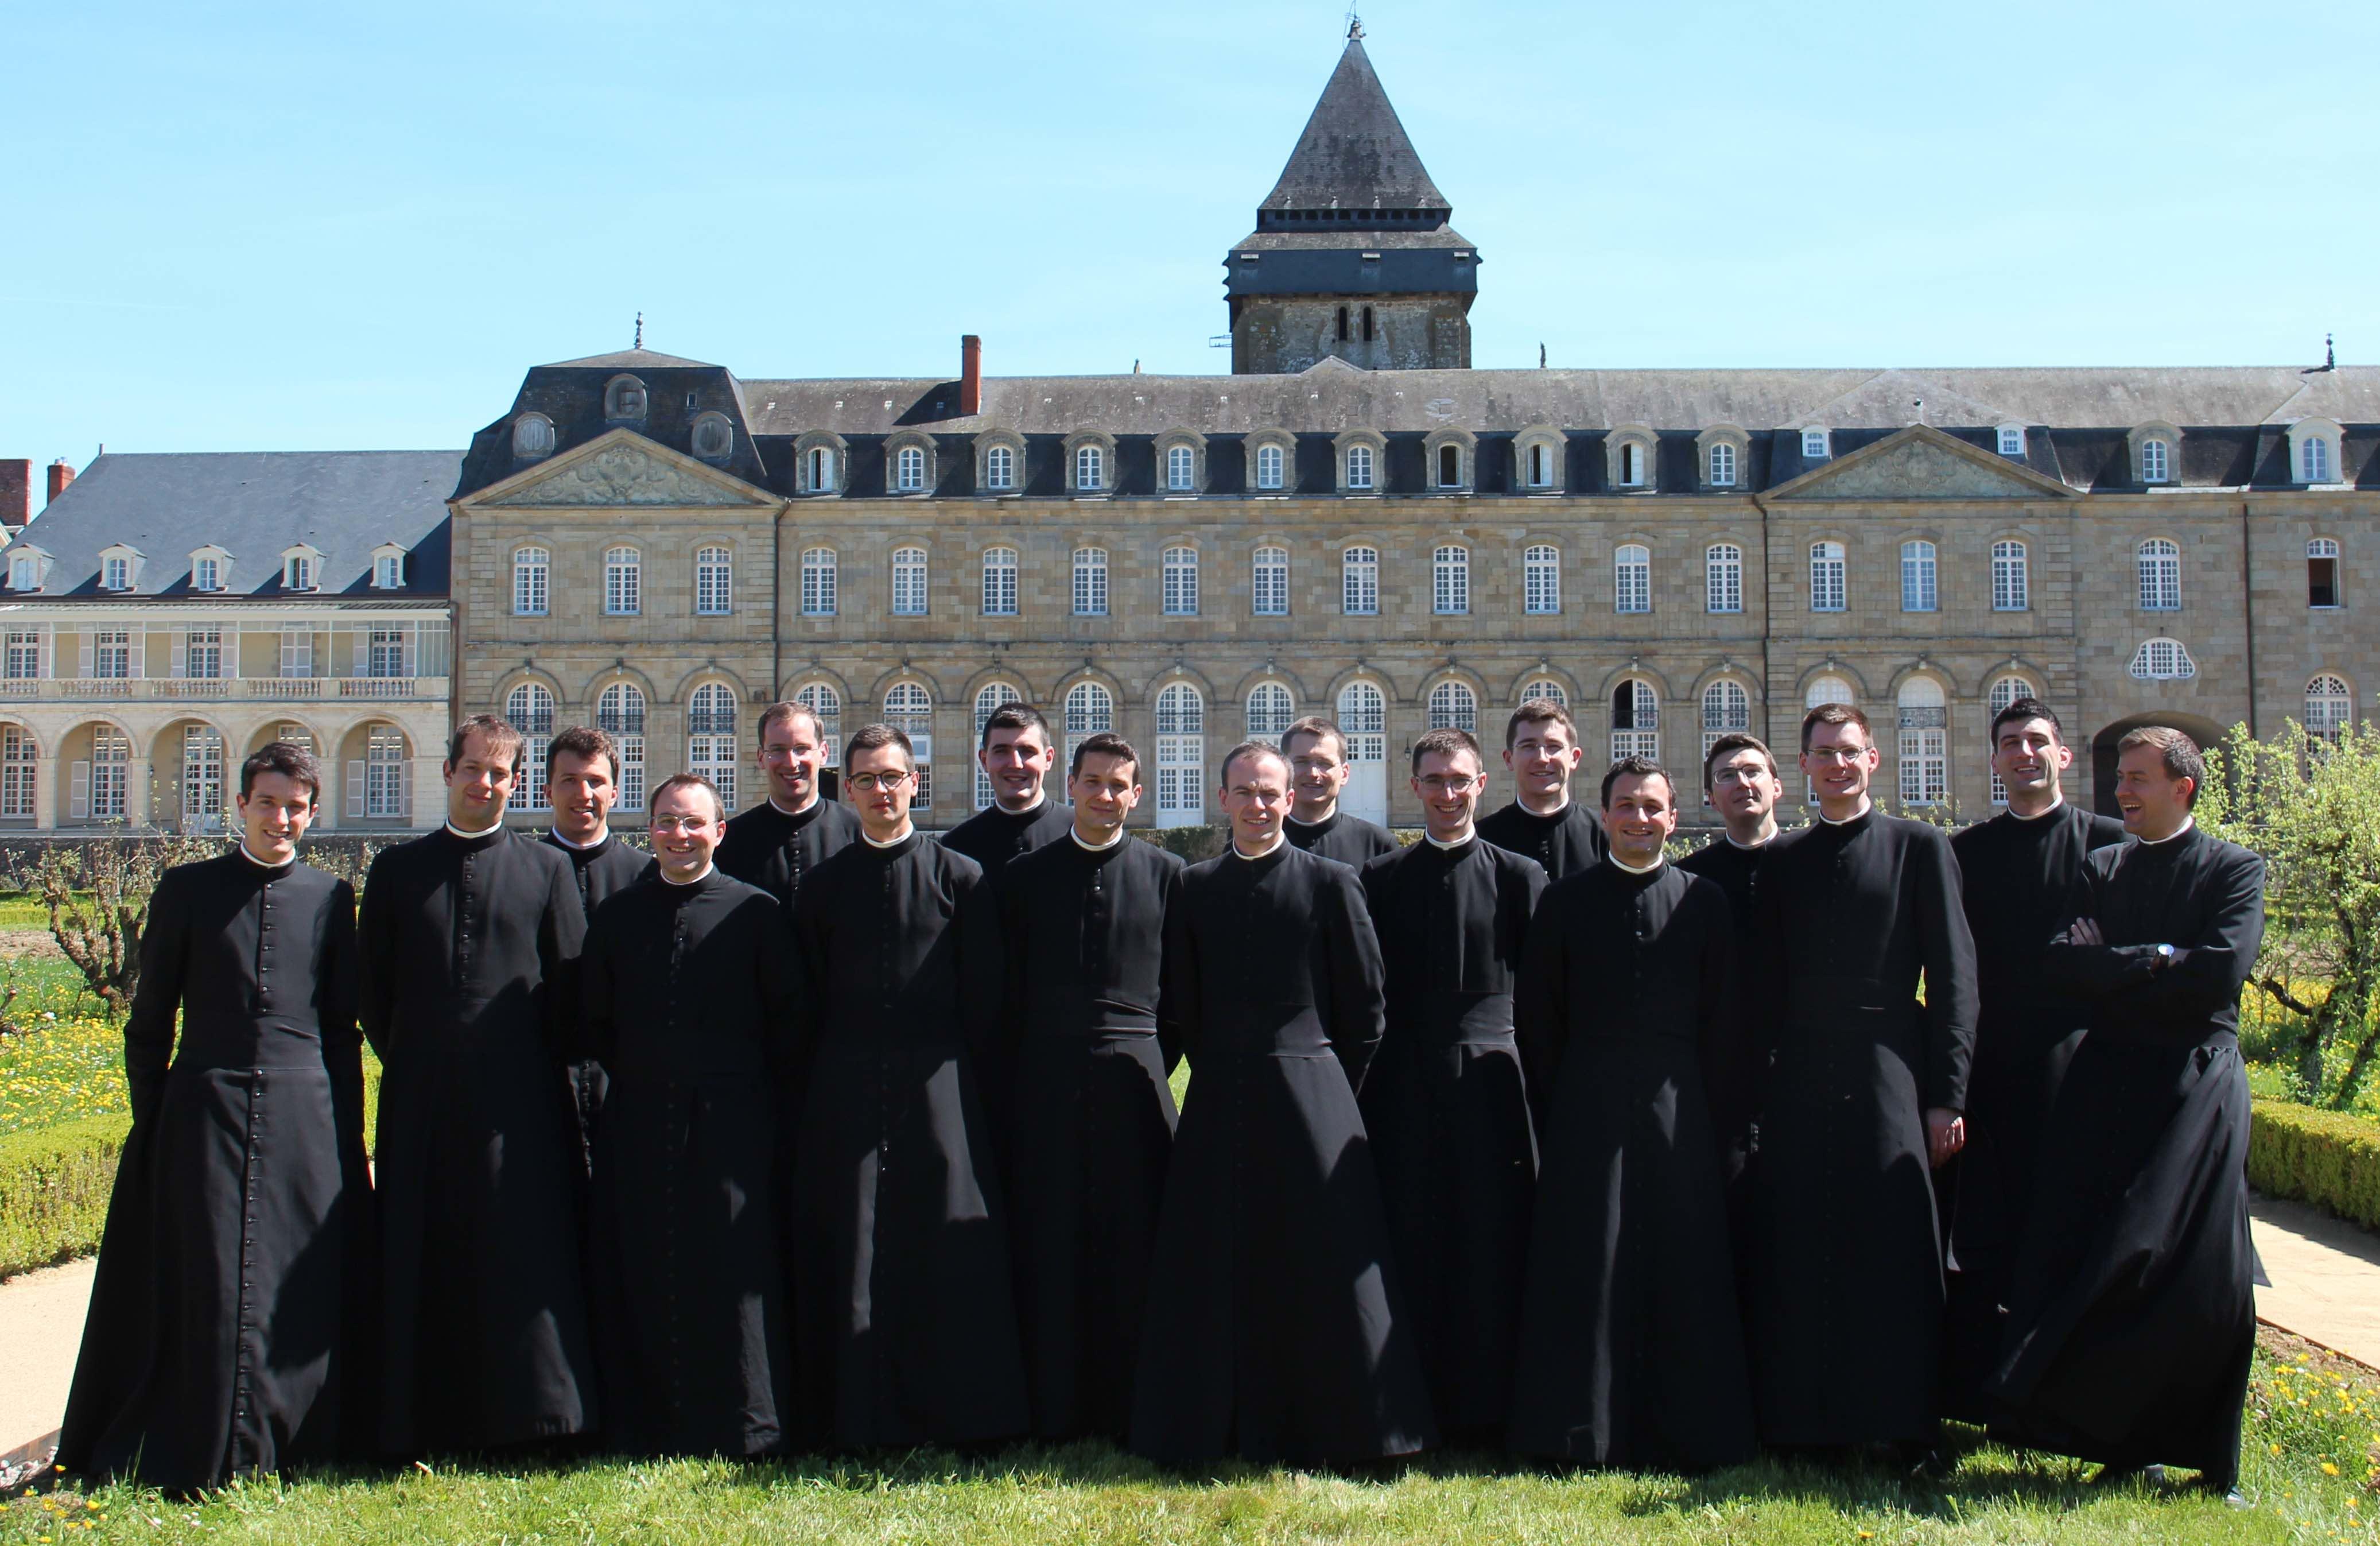 France: Appel aux ordres de huit nouveaux prêtres et de neuf nouveaux diacres pour la communauté Saint-Martin